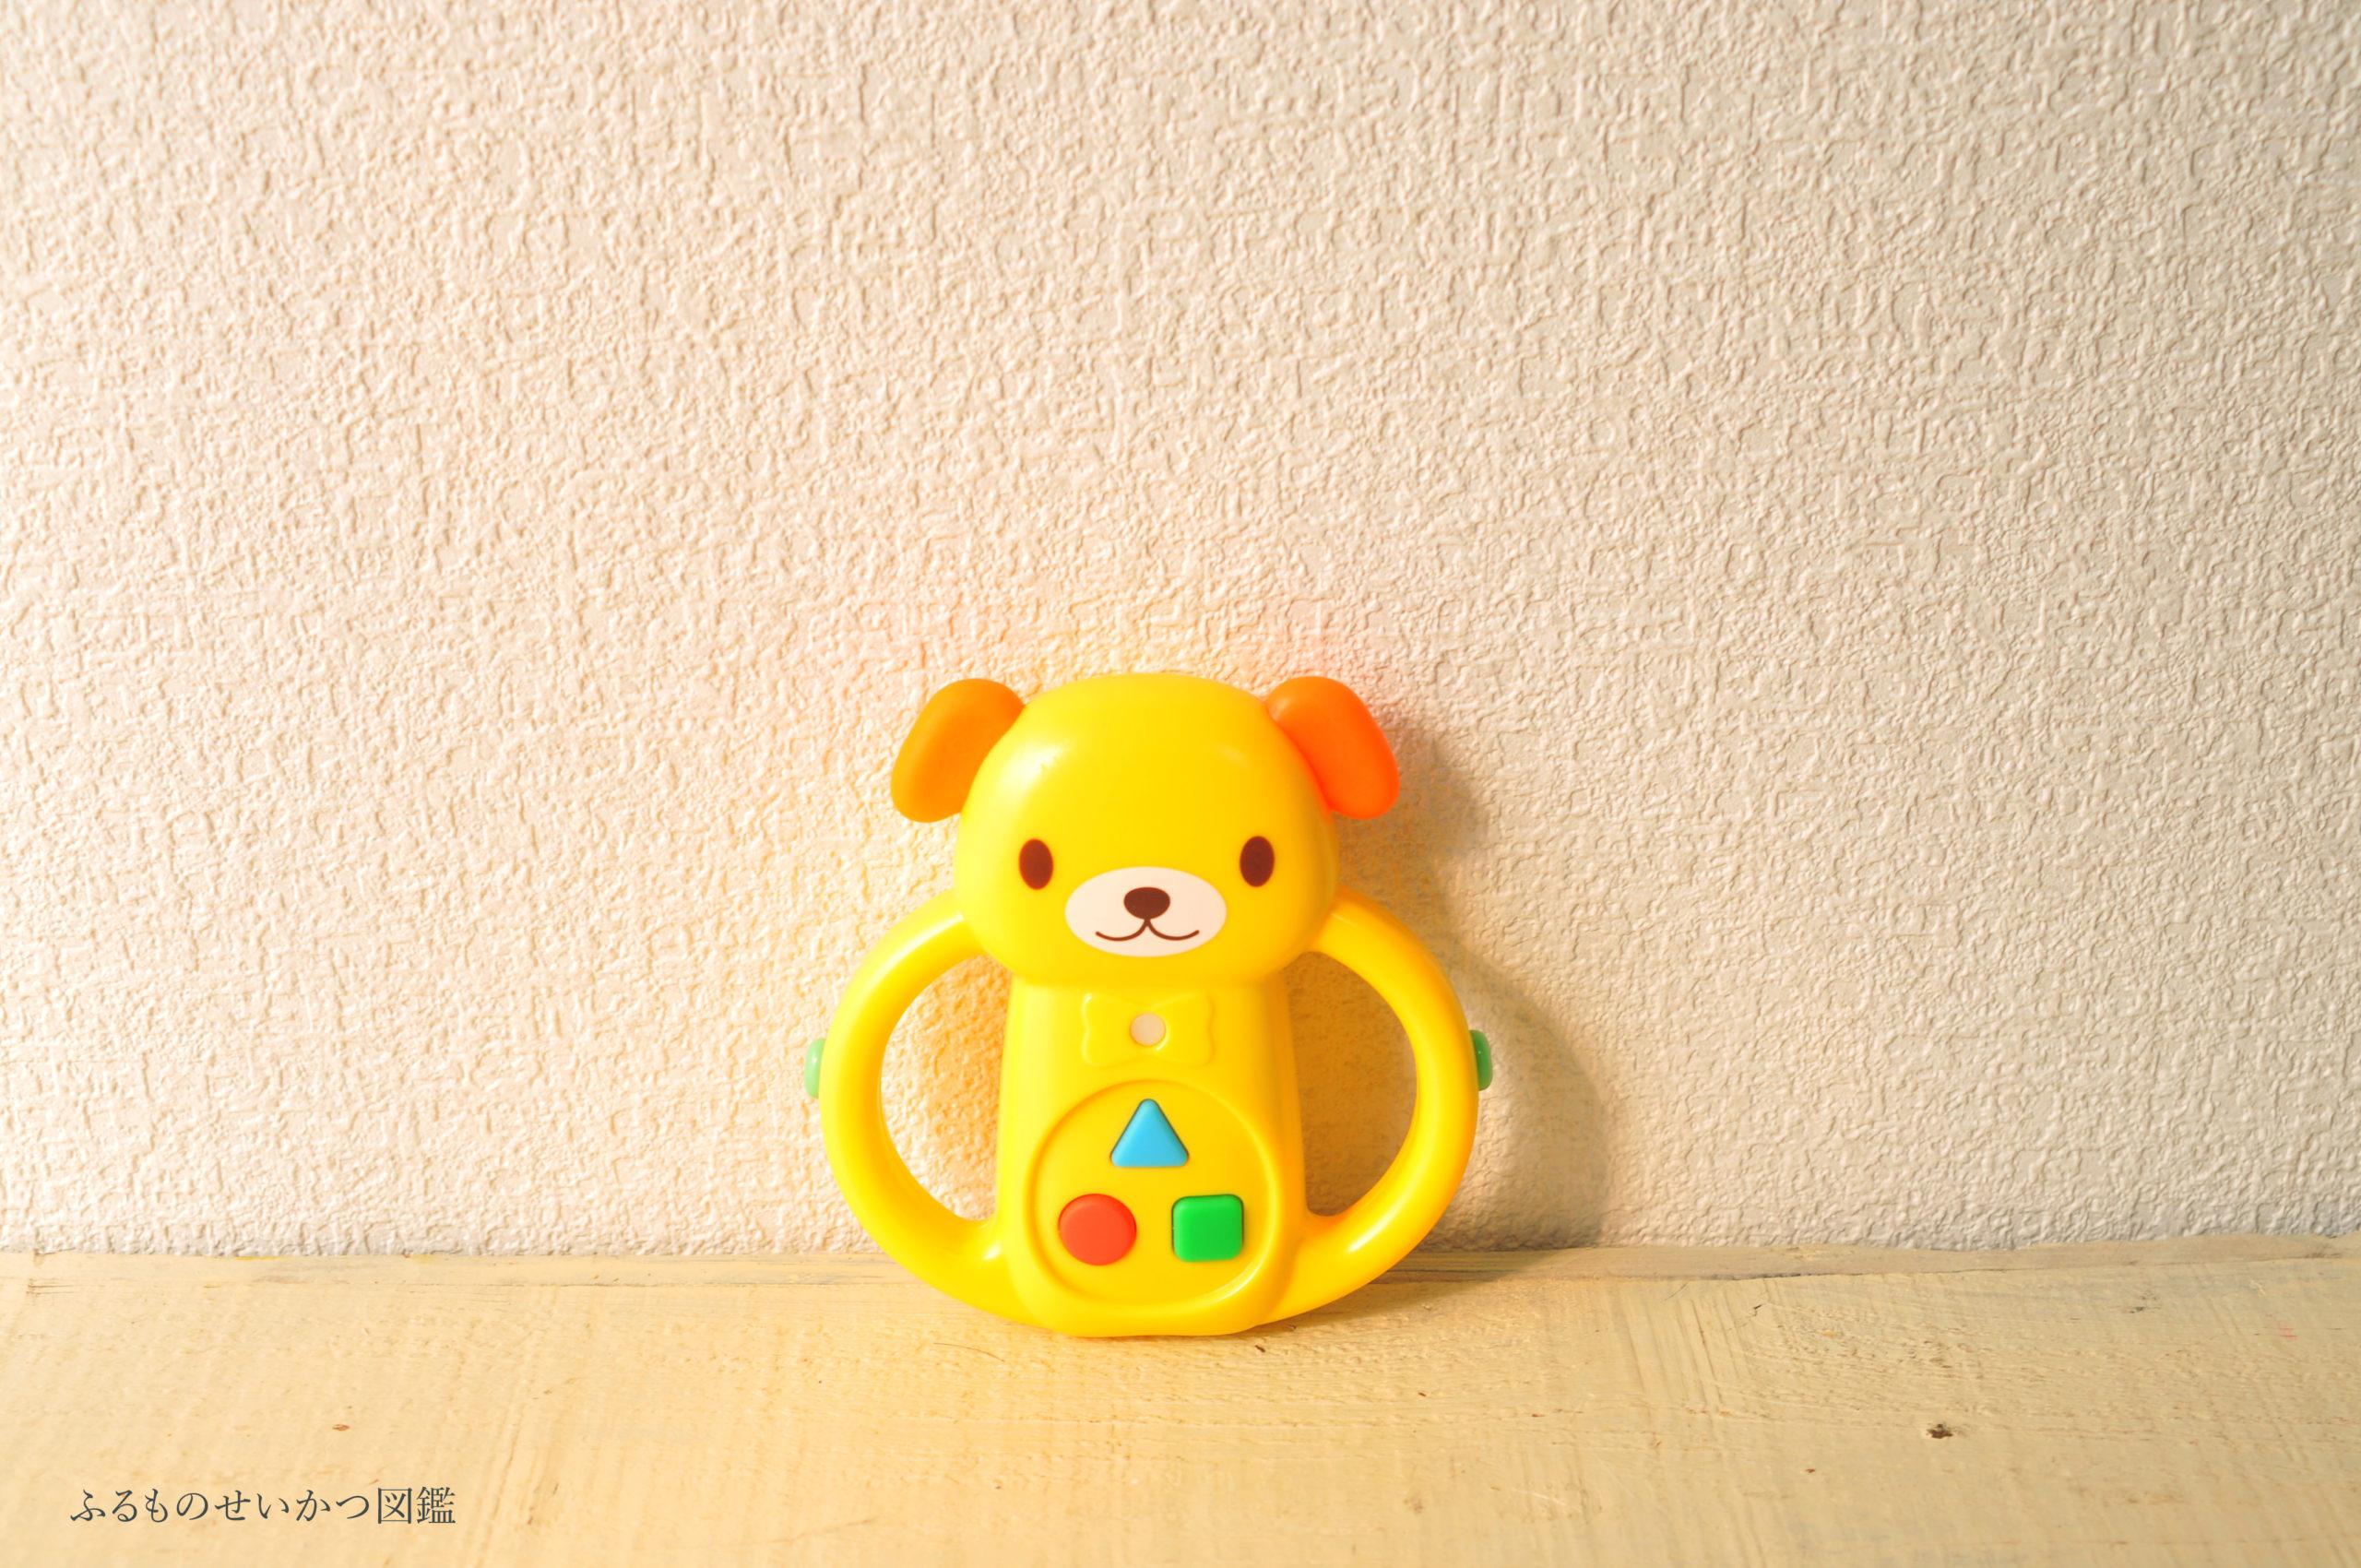 100円で買える赤ちゃん用オモチャは以外と多機能だった!